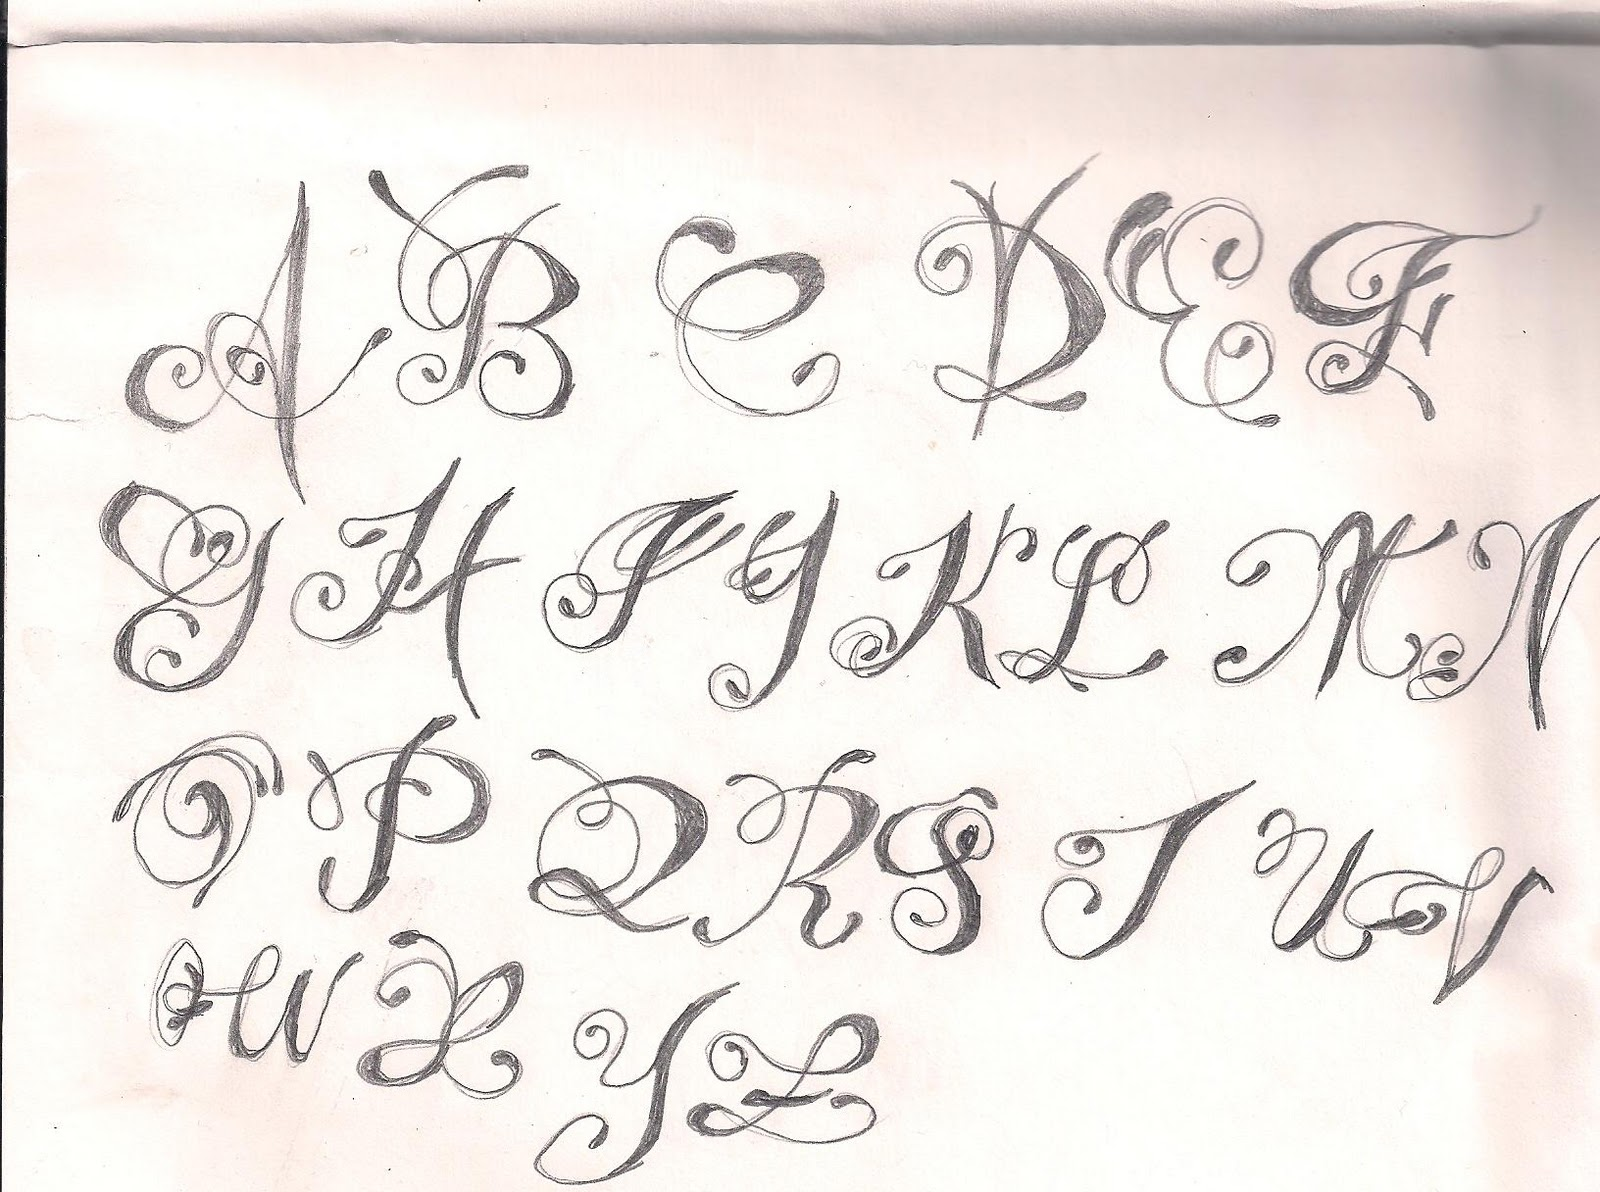 12 Cholo Font Styles Images - Cholo Letters Alphabet ...